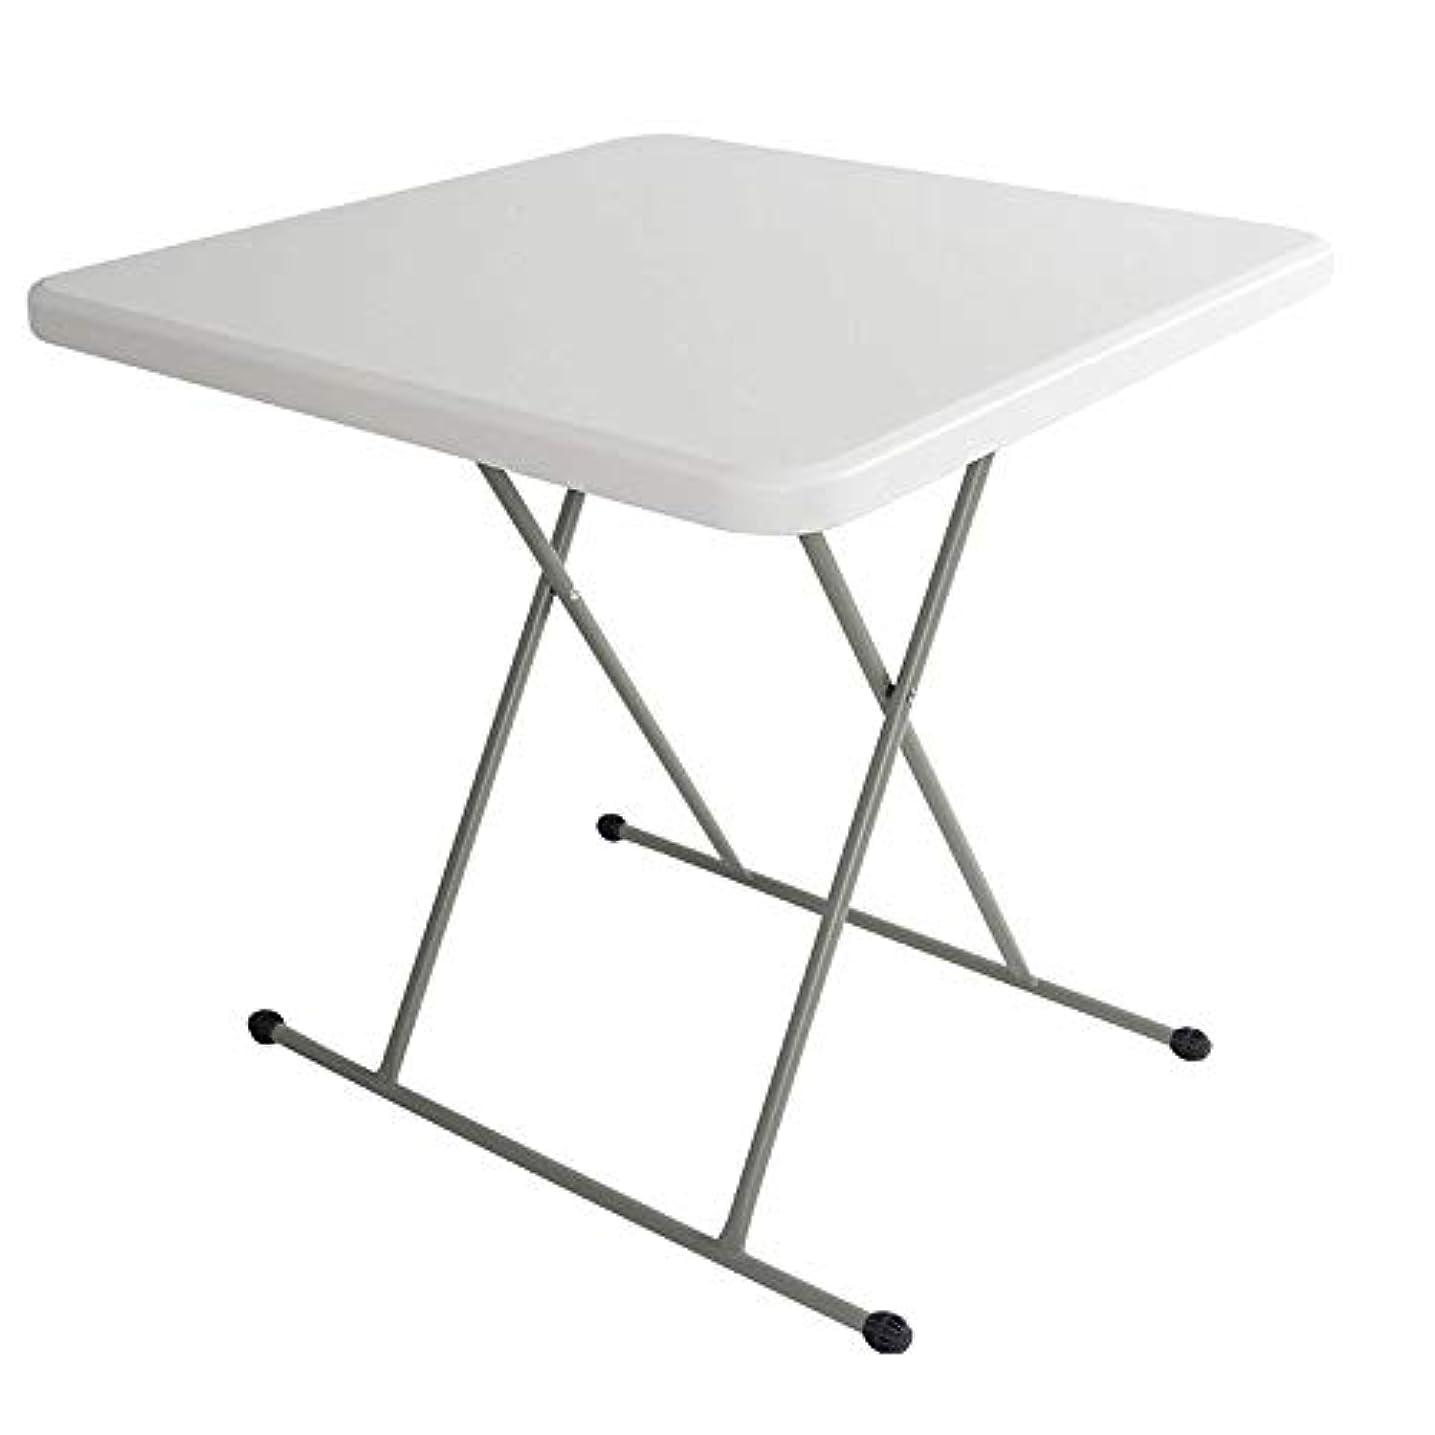 促すシュガーダイヤモンド折りたたみデスク 家庭用折りたたみテーブルスクエアダイニングテーブル6段式高さ調節可能ラップトップテーブル学生用ライティングデスク A++